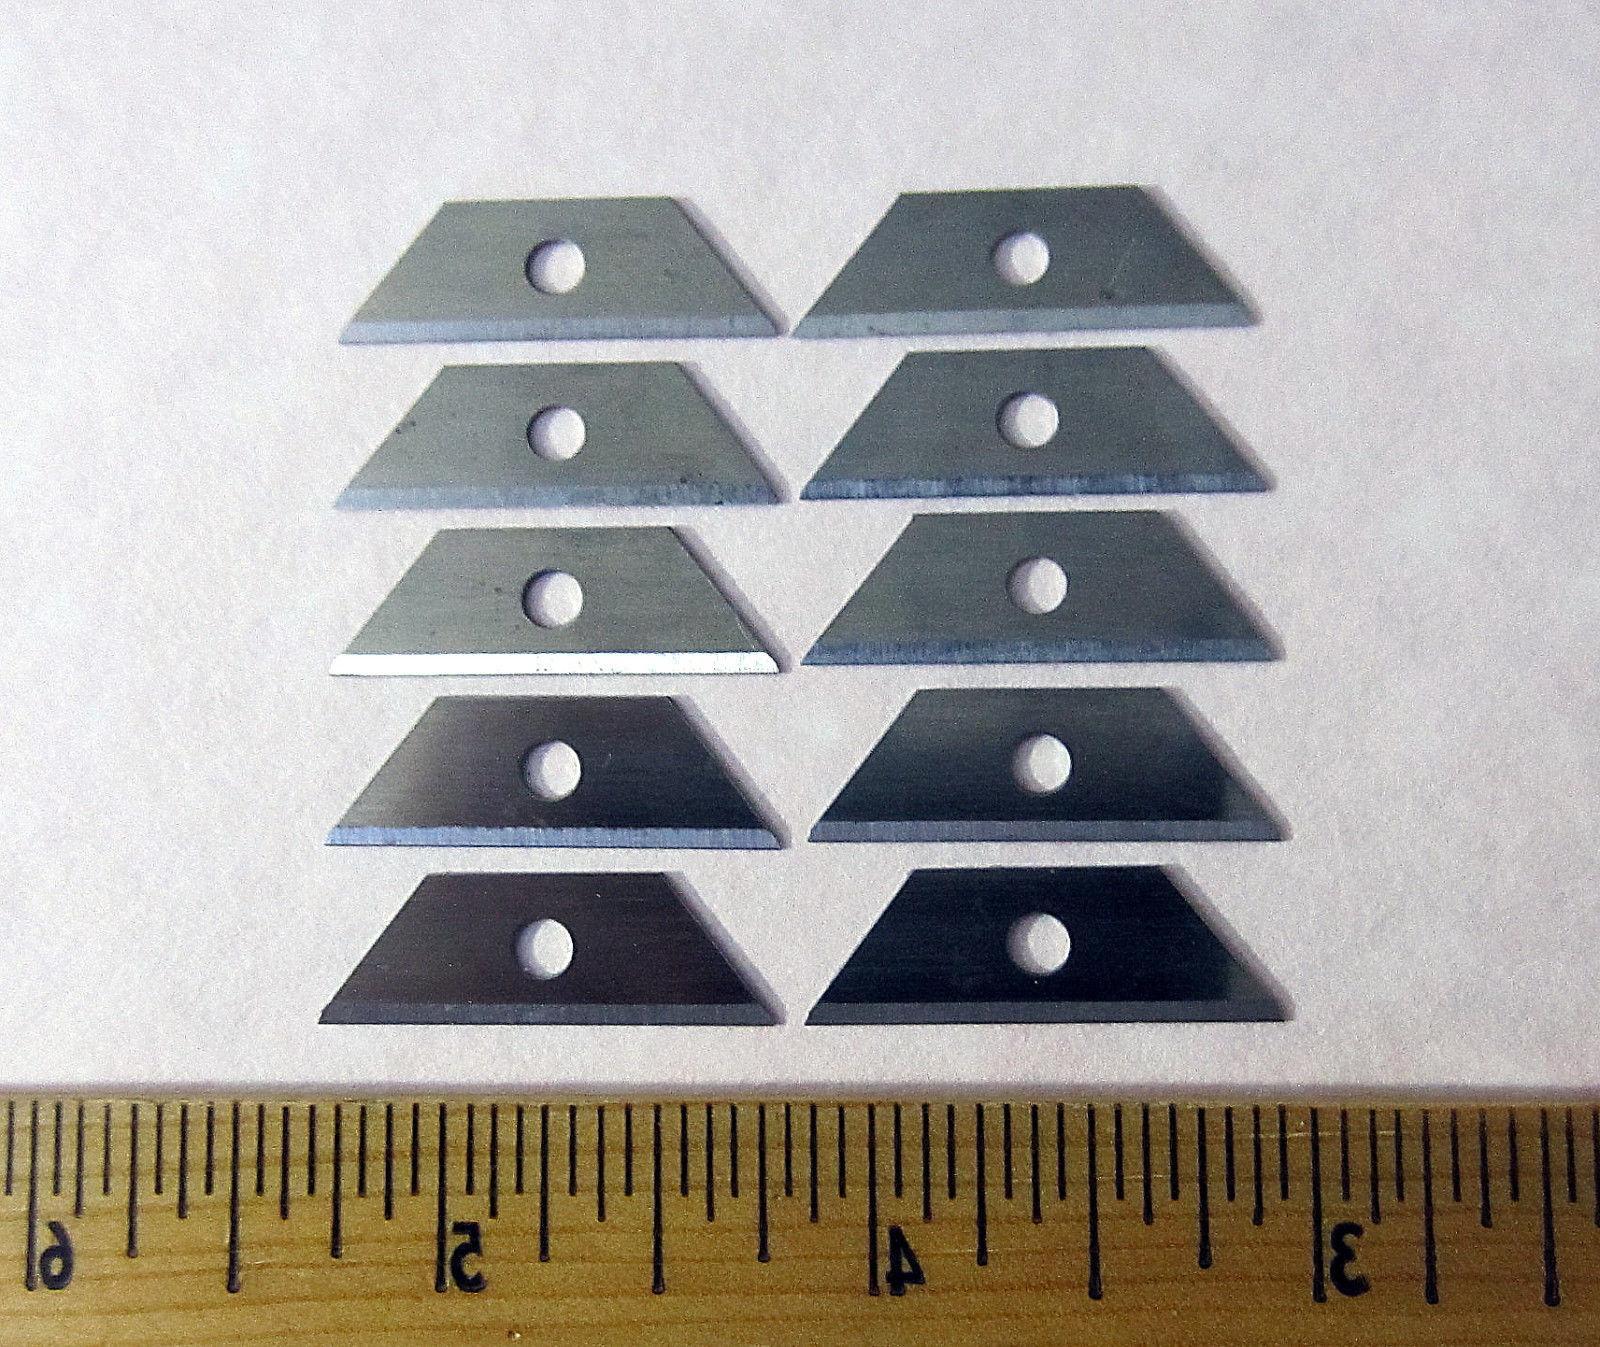 mini utility blades 10 pack box knife